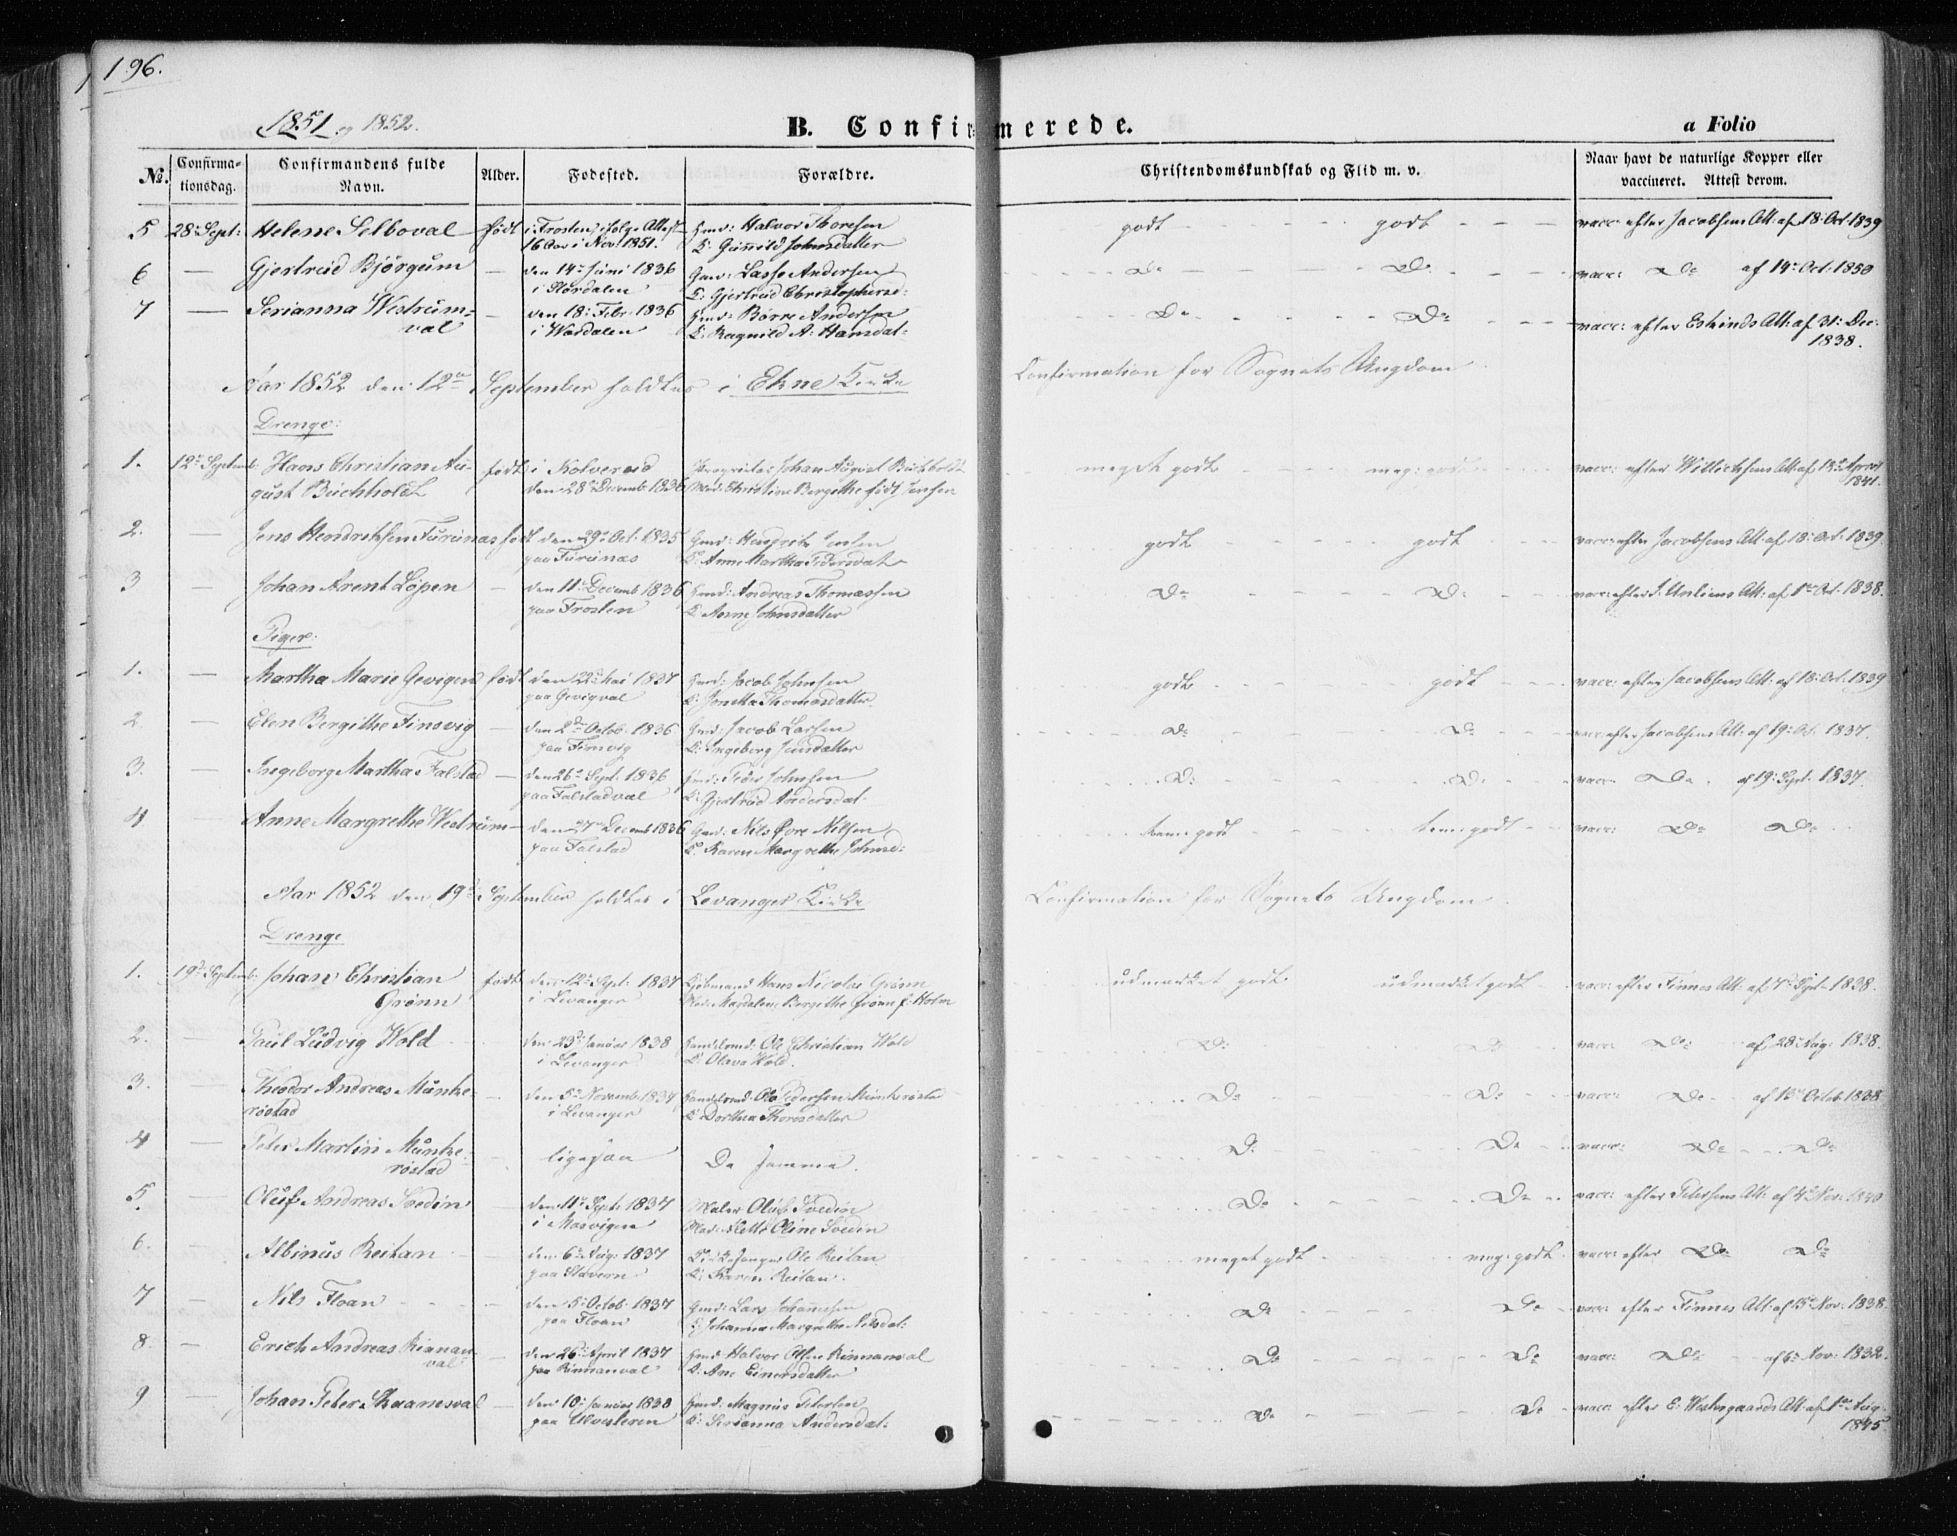 SAT, Ministerialprotokoller, klokkerbøker og fødselsregistre - Nord-Trøndelag, 717/L0154: Ministerialbok nr. 717A07 /1, 1850-1862, s. 196